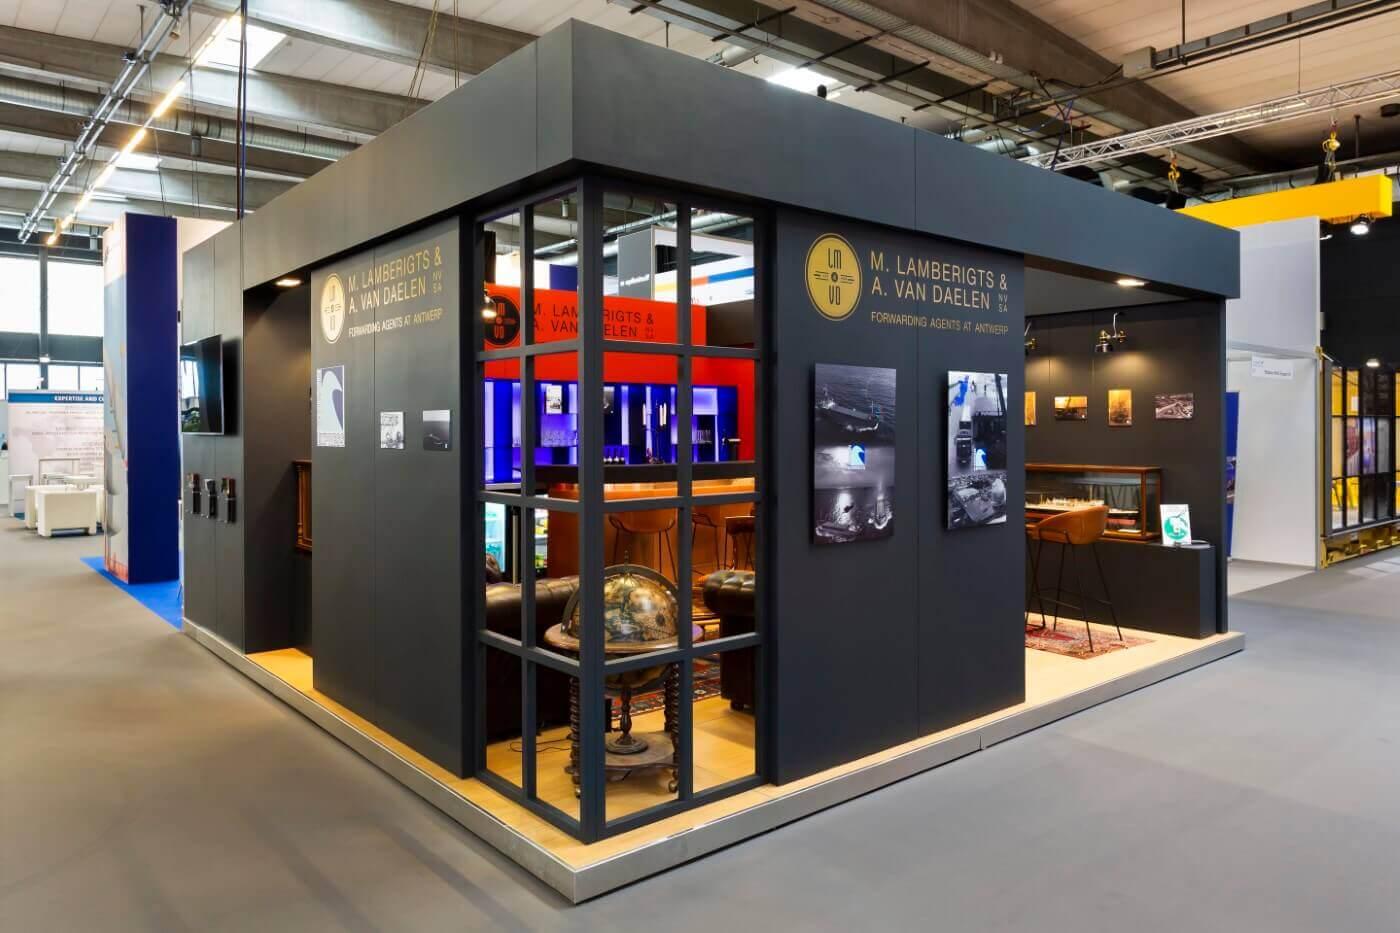 Beursstand met houtconstructie in het zwart | Bezoek www.expopoint.be voor meer inspiratie